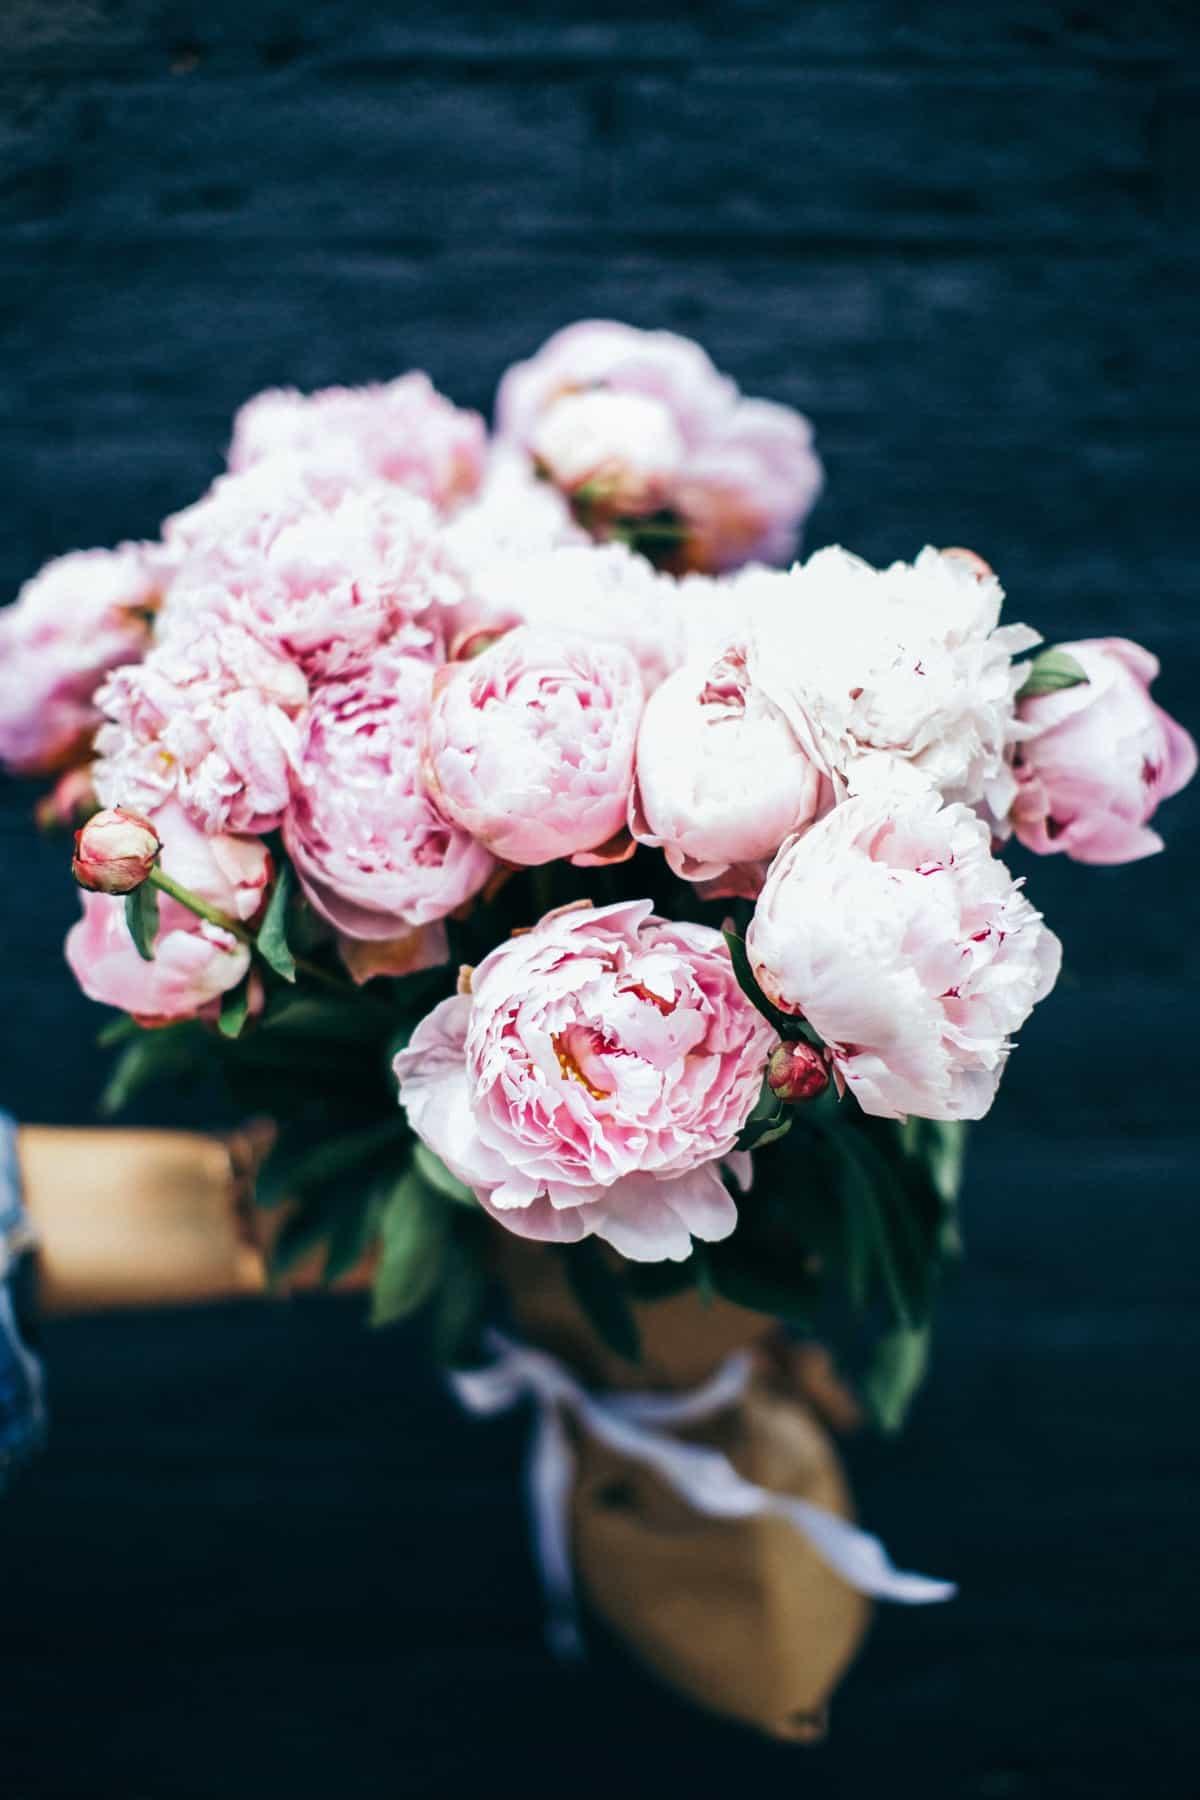 The Pink Peonies pink peonies & a weekend look - my style vita